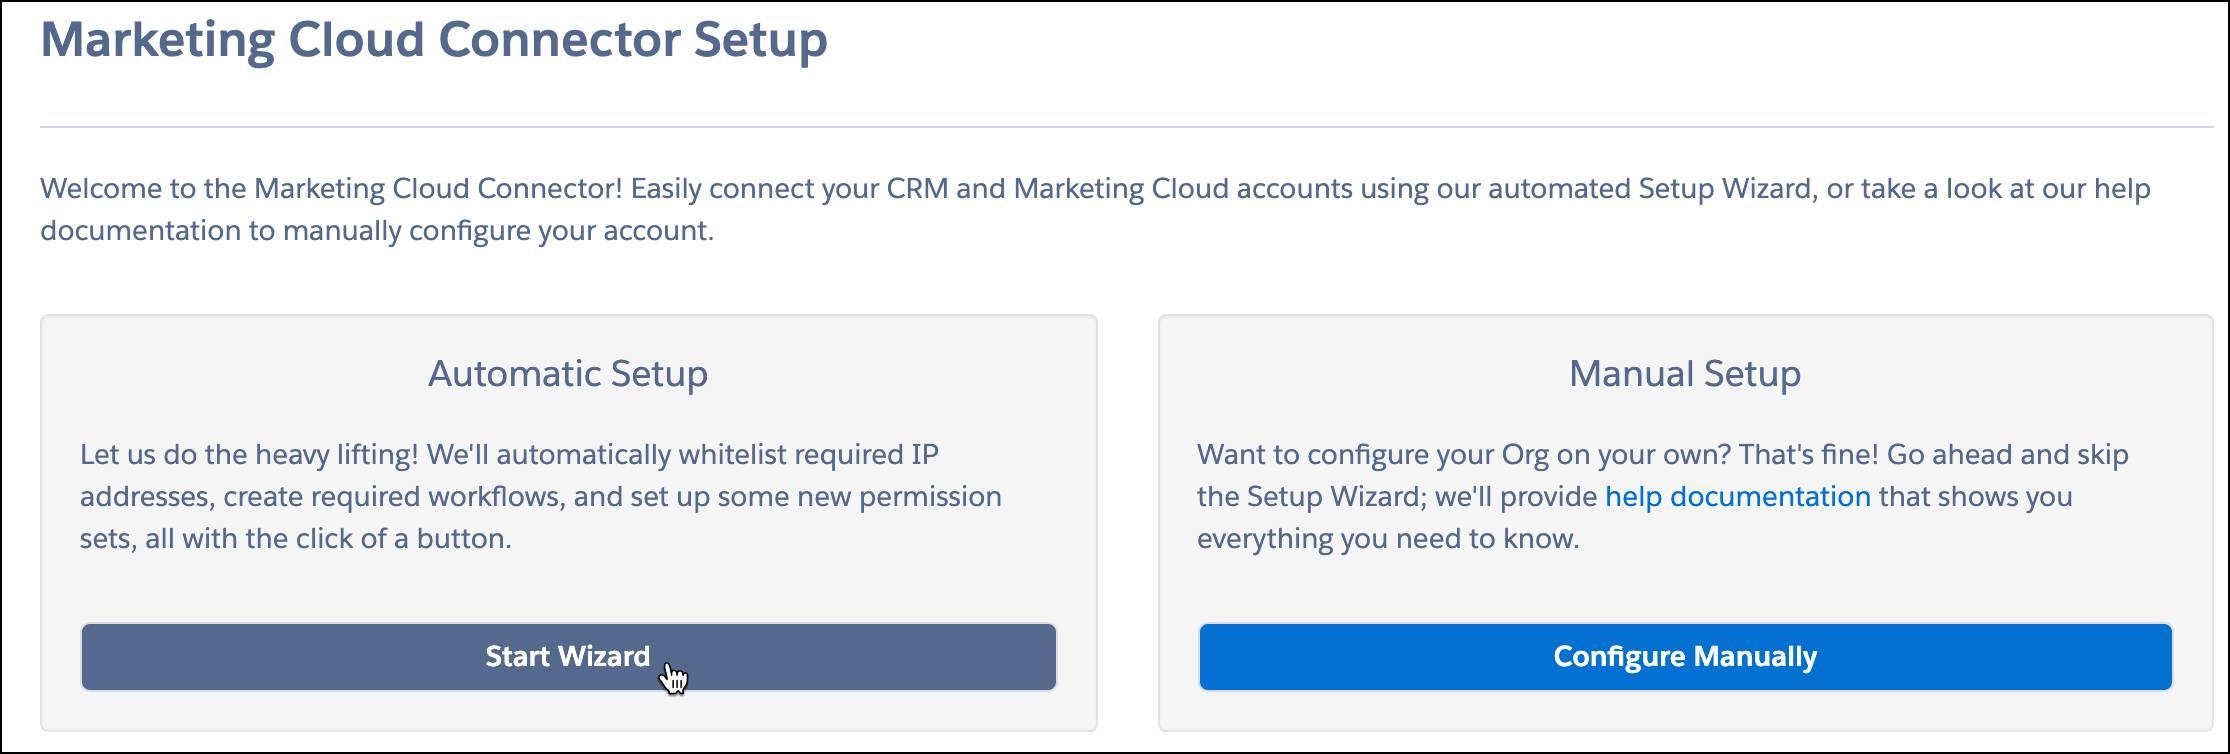 [ウィザードを開始] ボタンが強調表示された [Marketing Cloud Connect 設定]